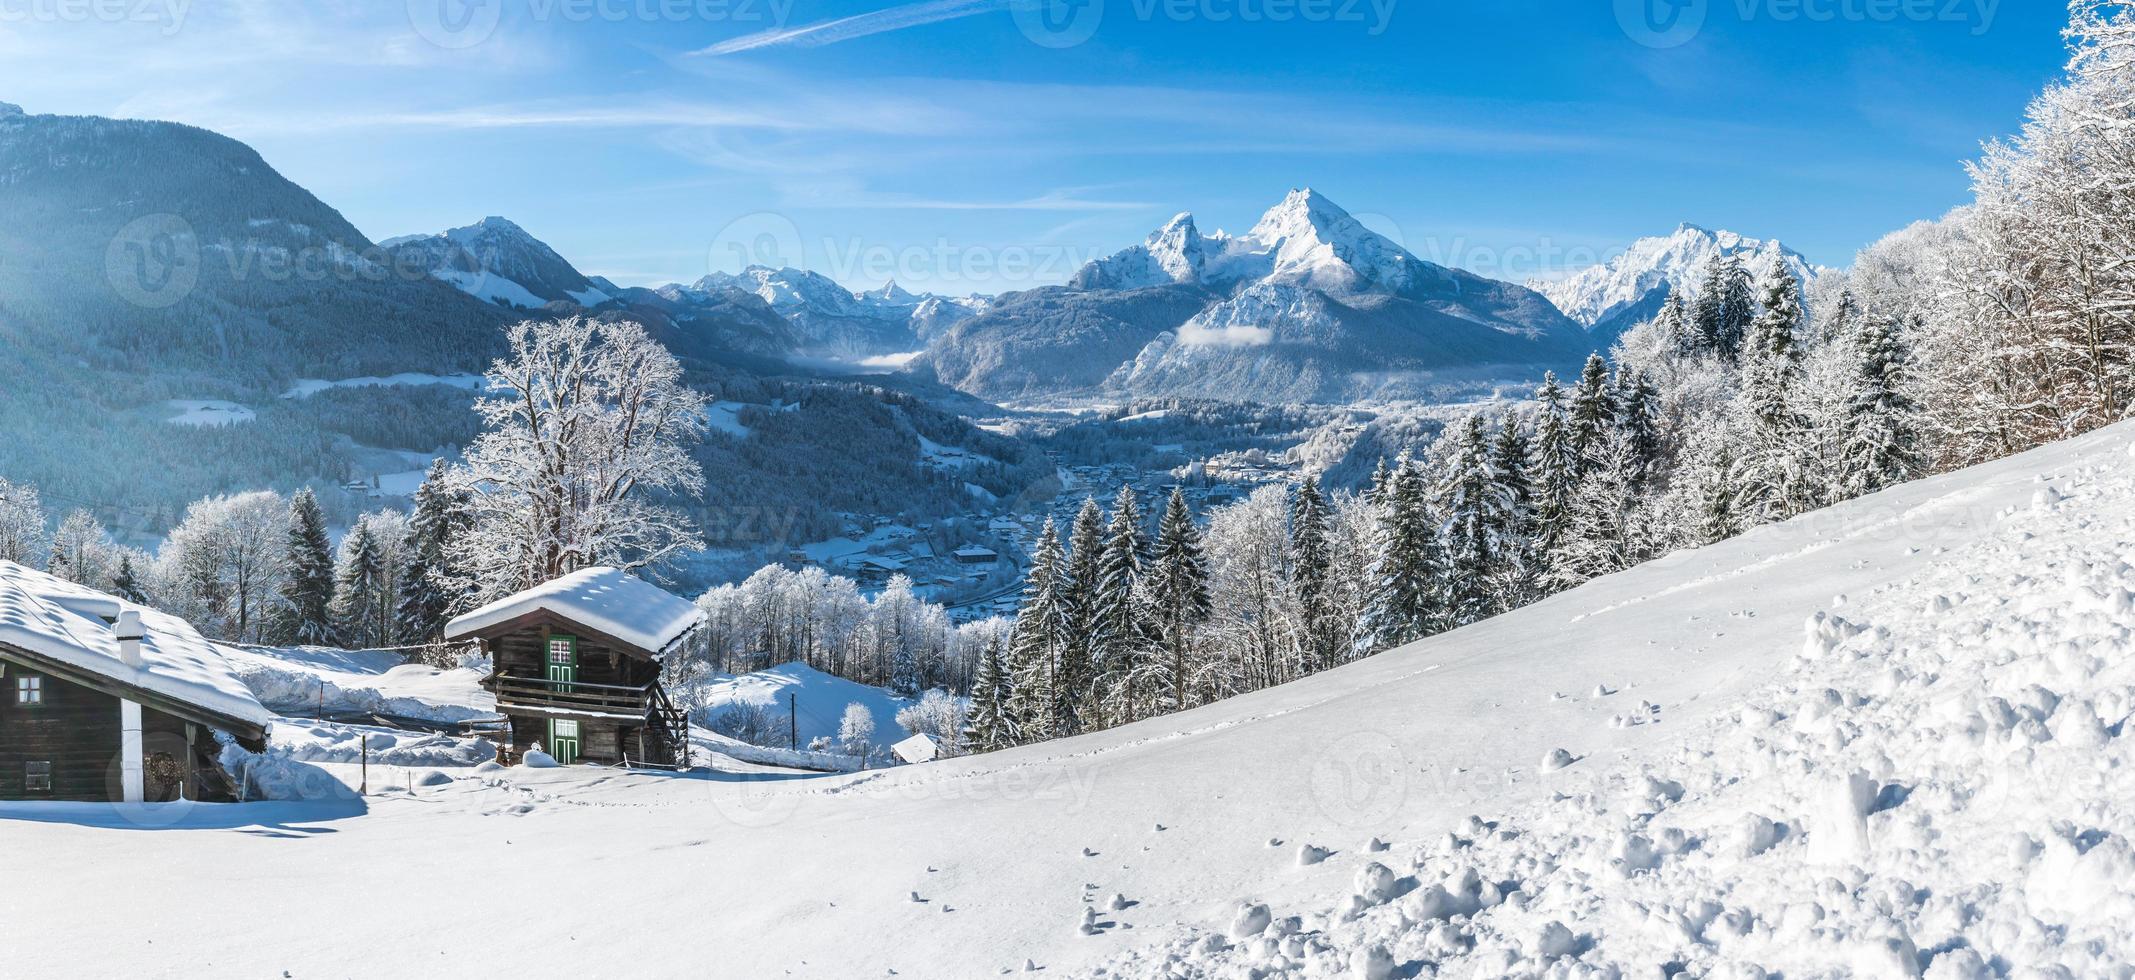 idyllische landschaft in den bayerischen alpen, berchtesgaden, deutschland foto